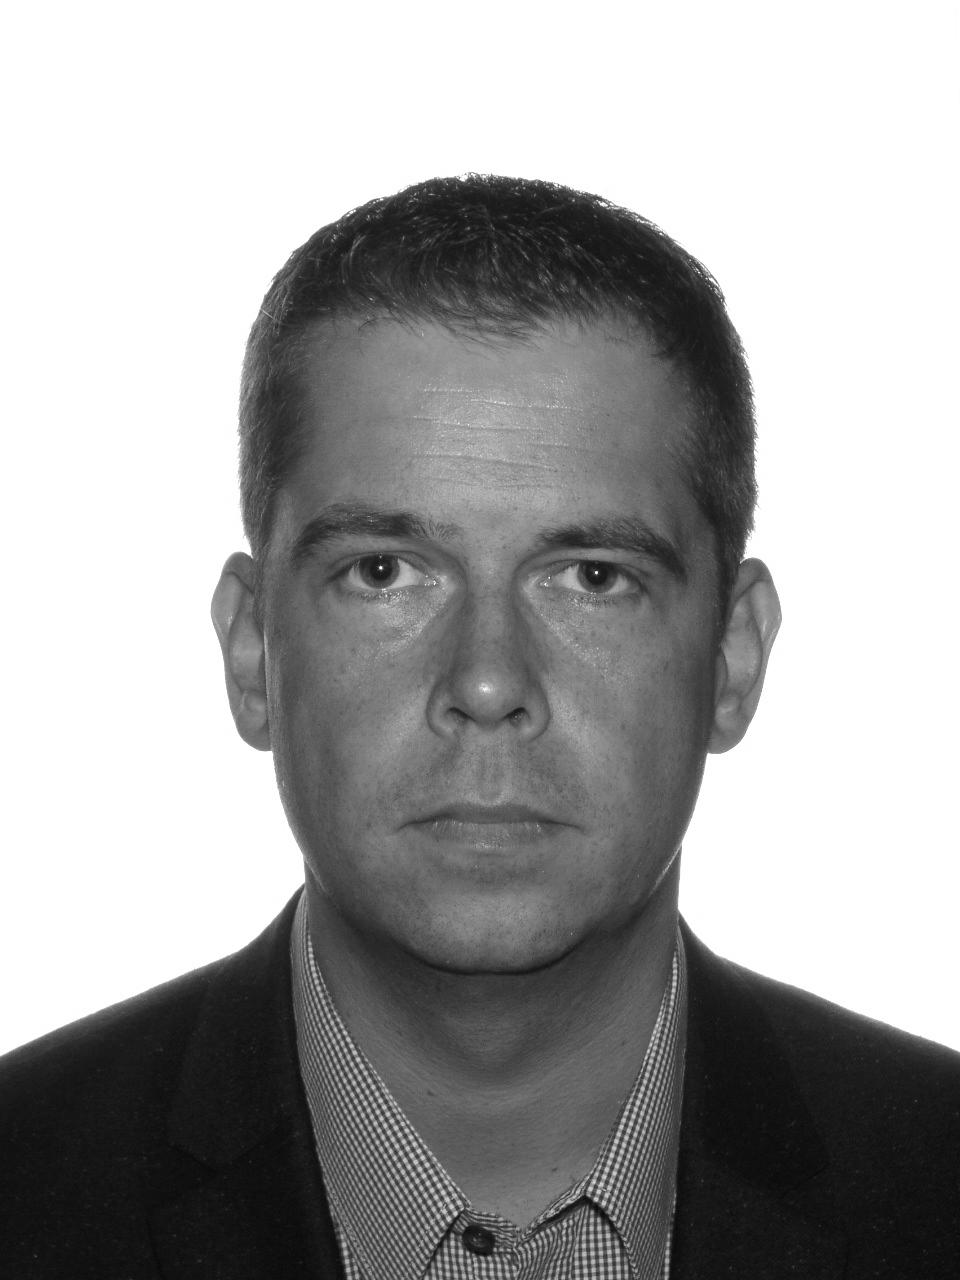 Marck Lyngø